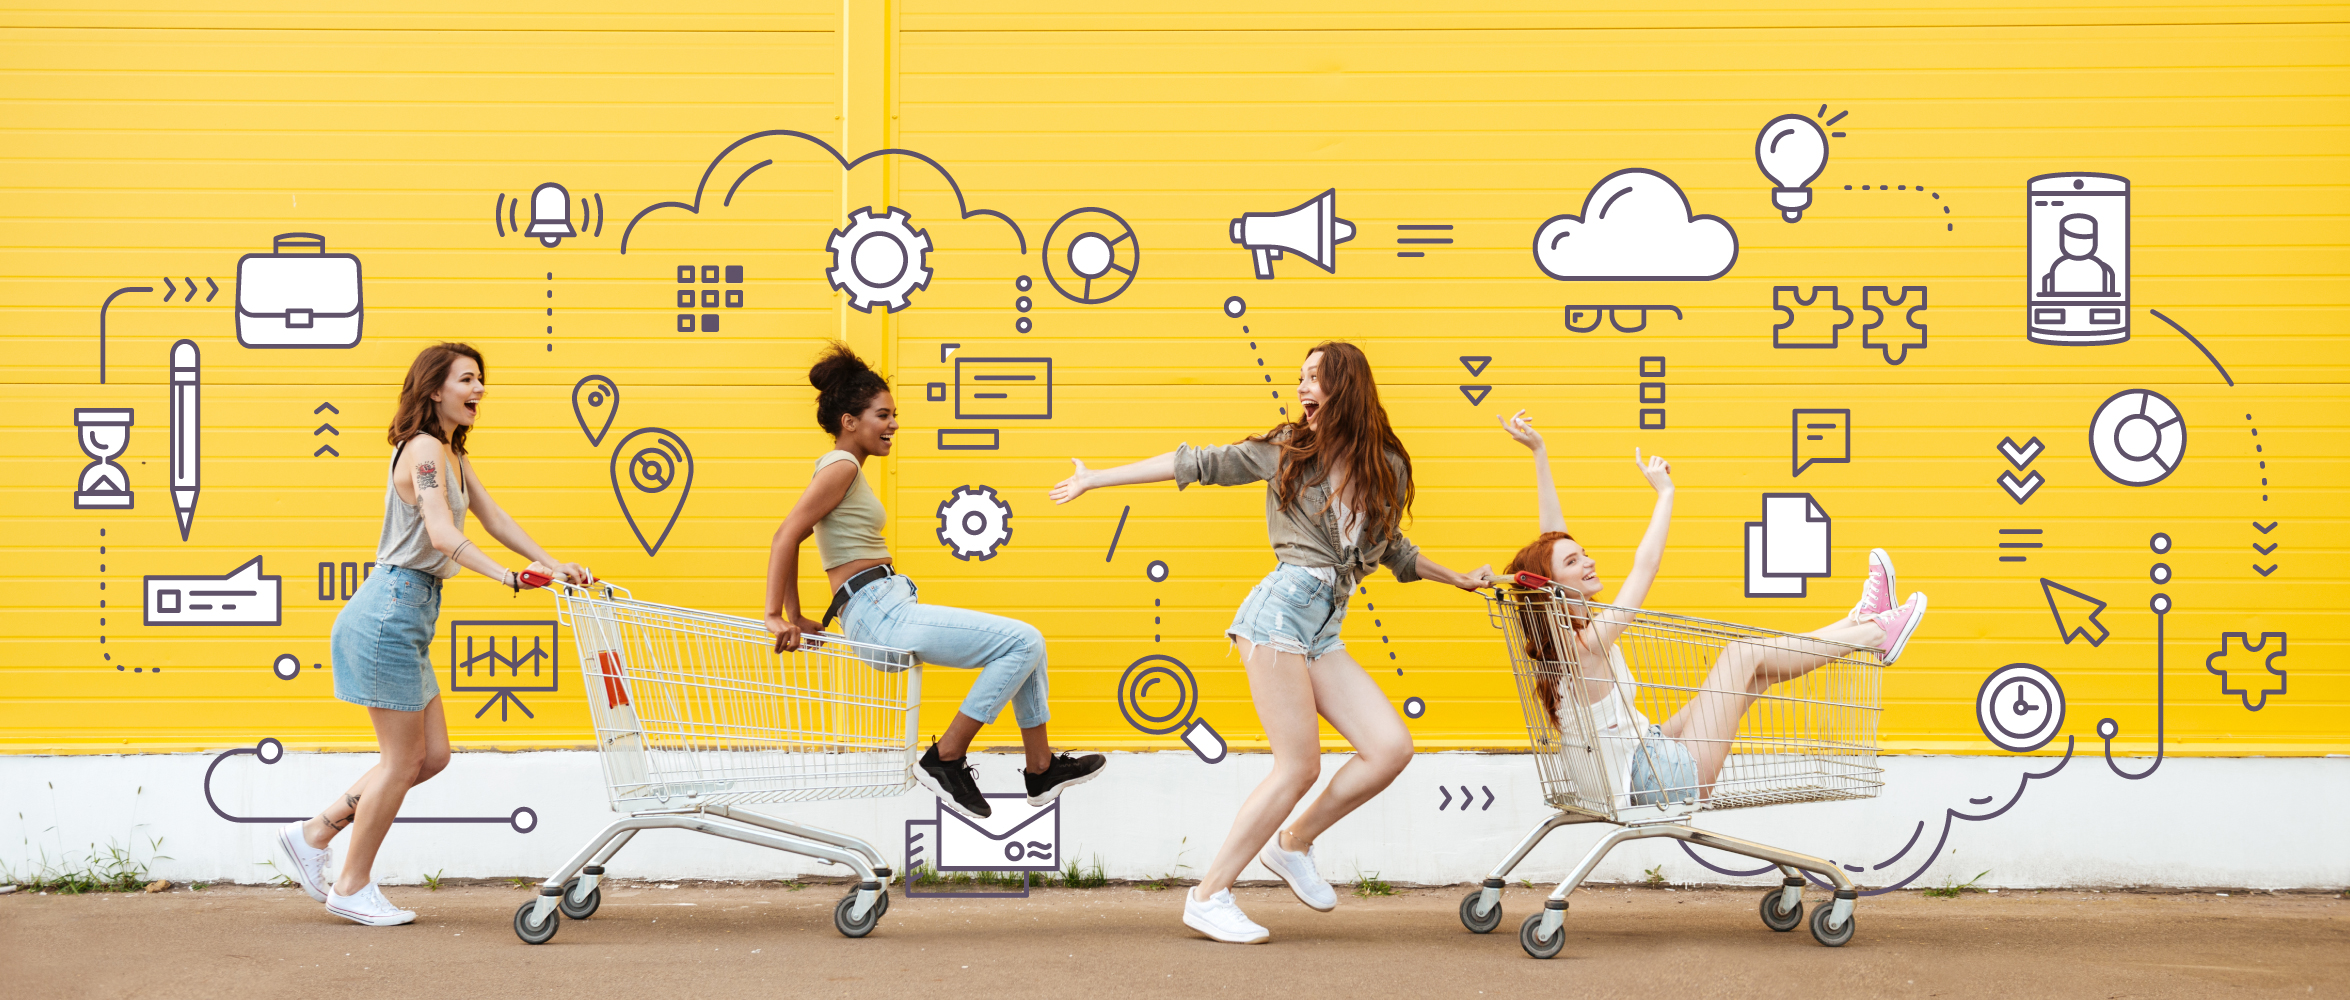 做品牌年轻化,还是要做年轻人的品牌?